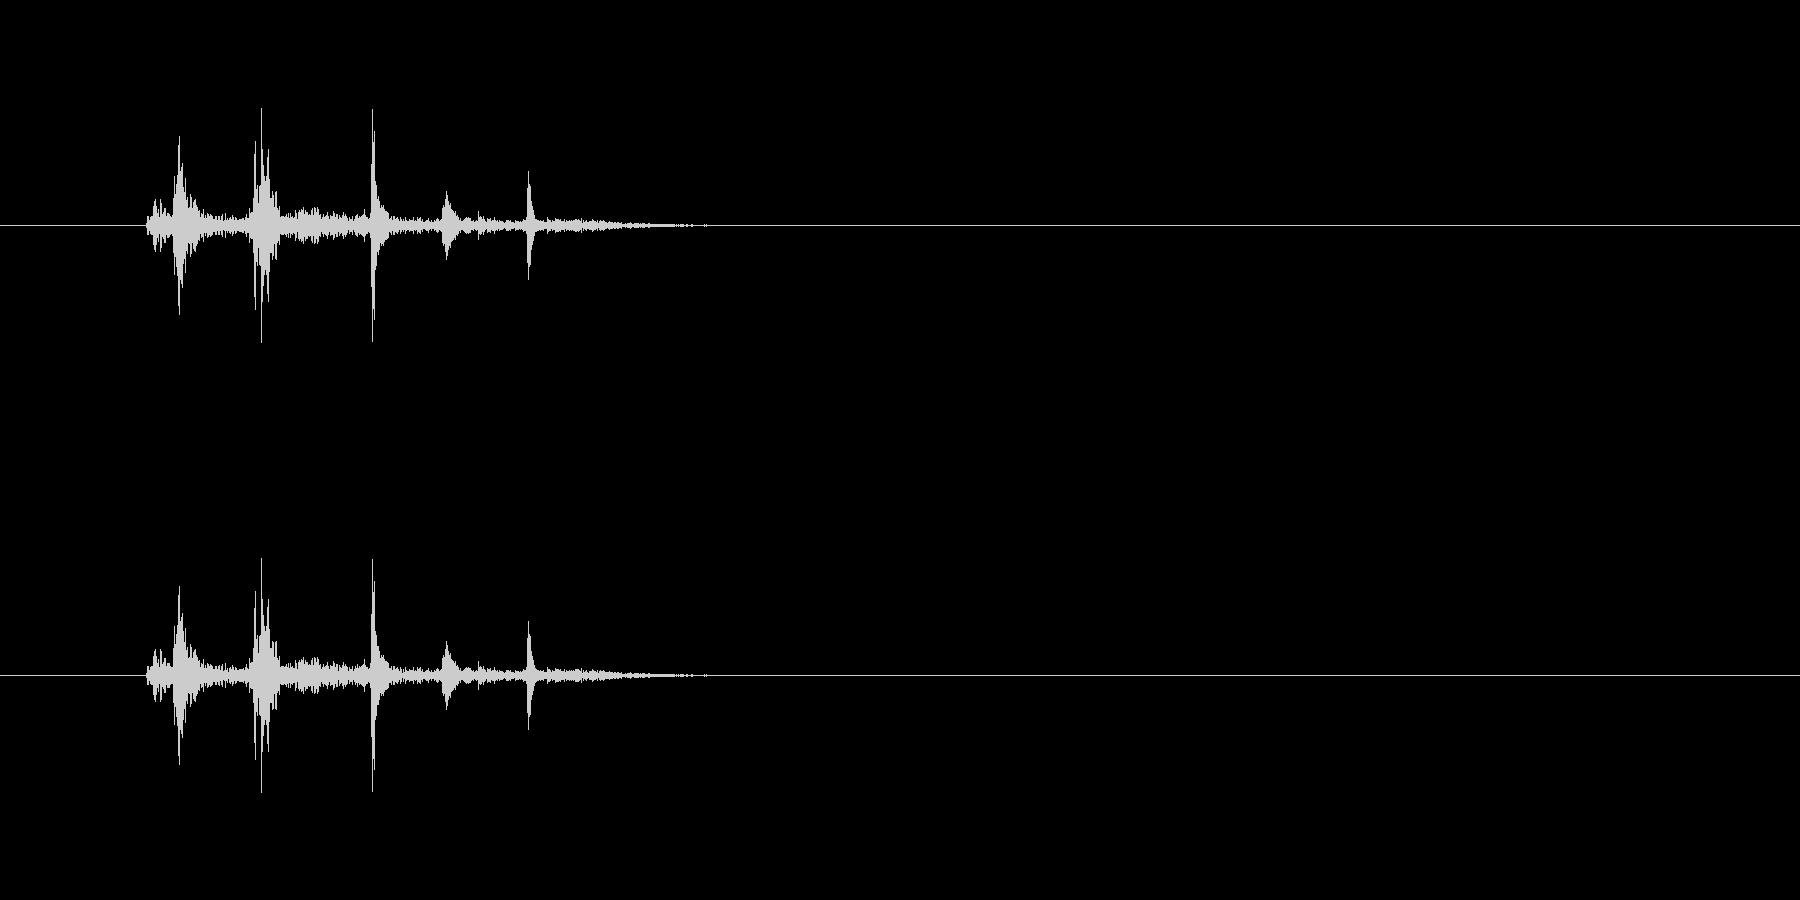 金属の物を置く音(カチャリ)の未再生の波形